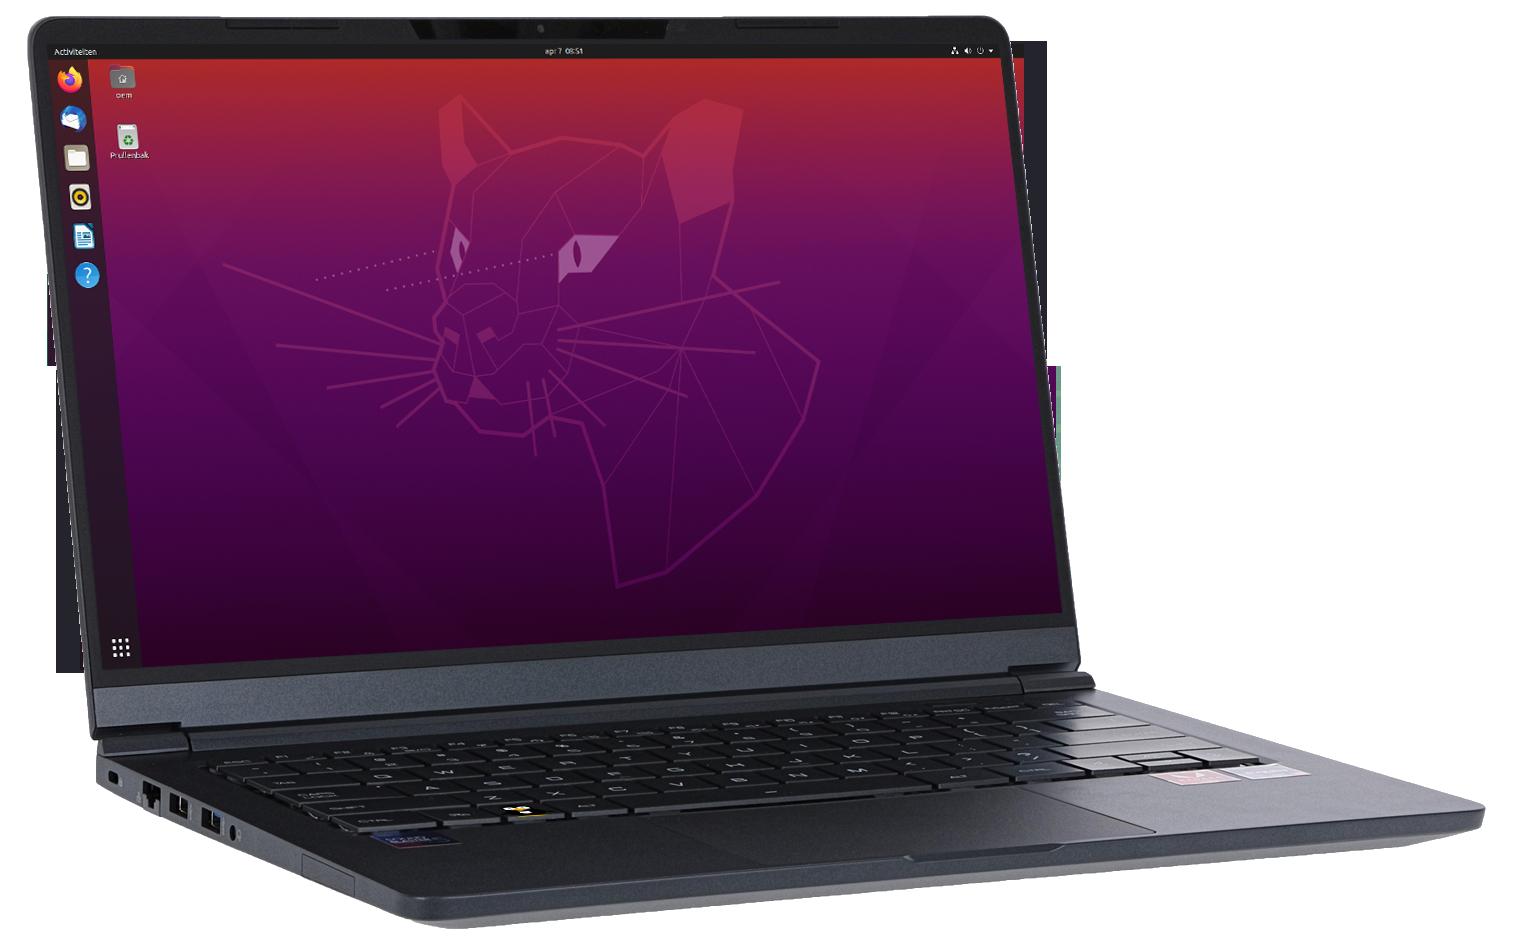 UbuntuBook 14